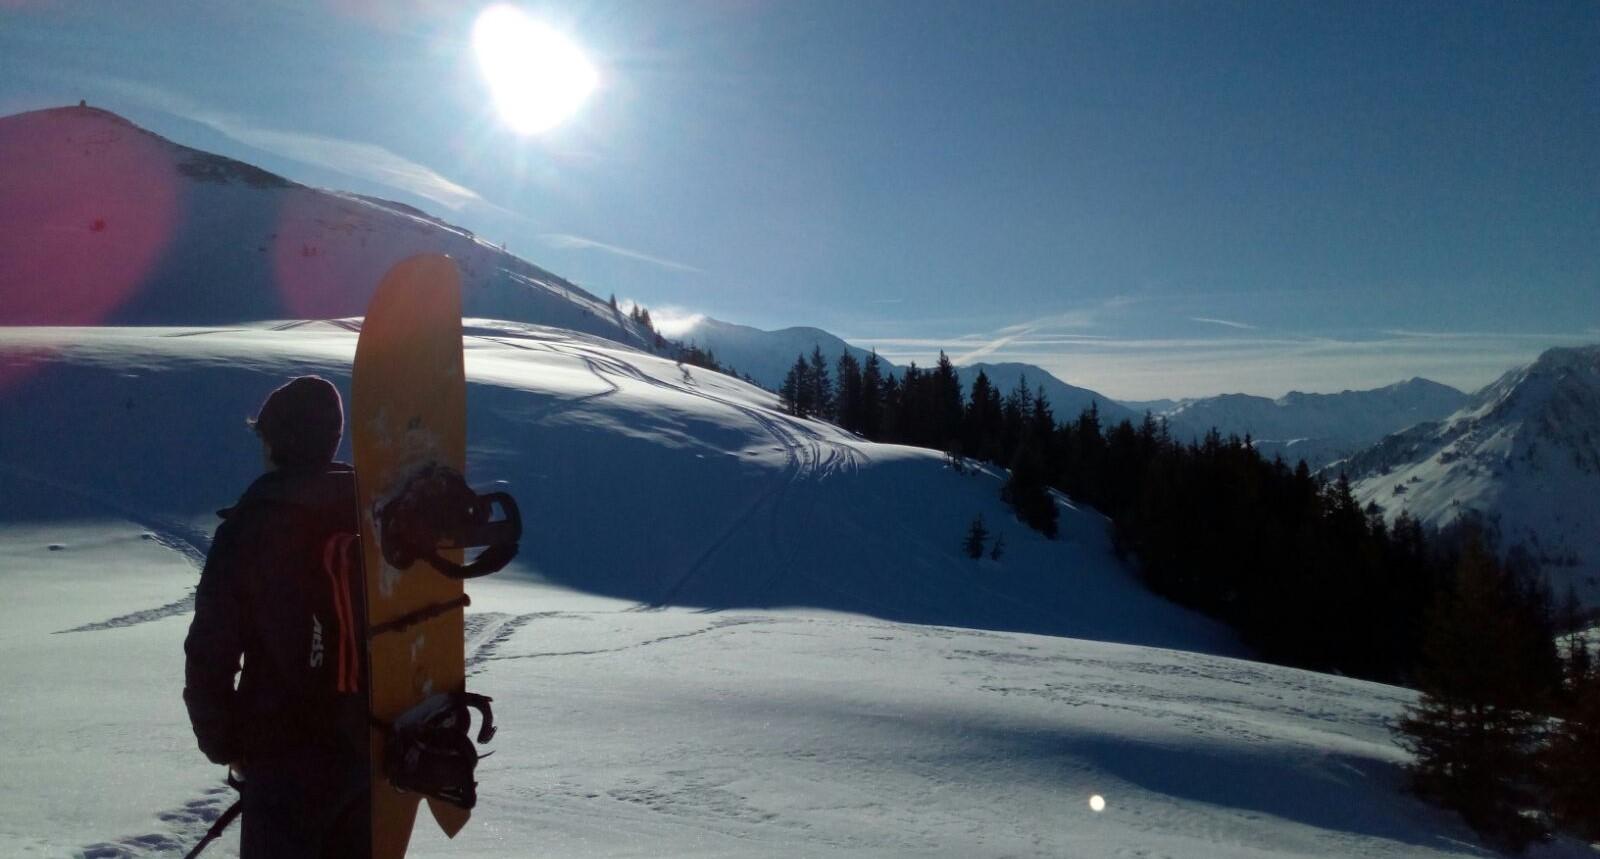 Michael Walzer, Snowboarden